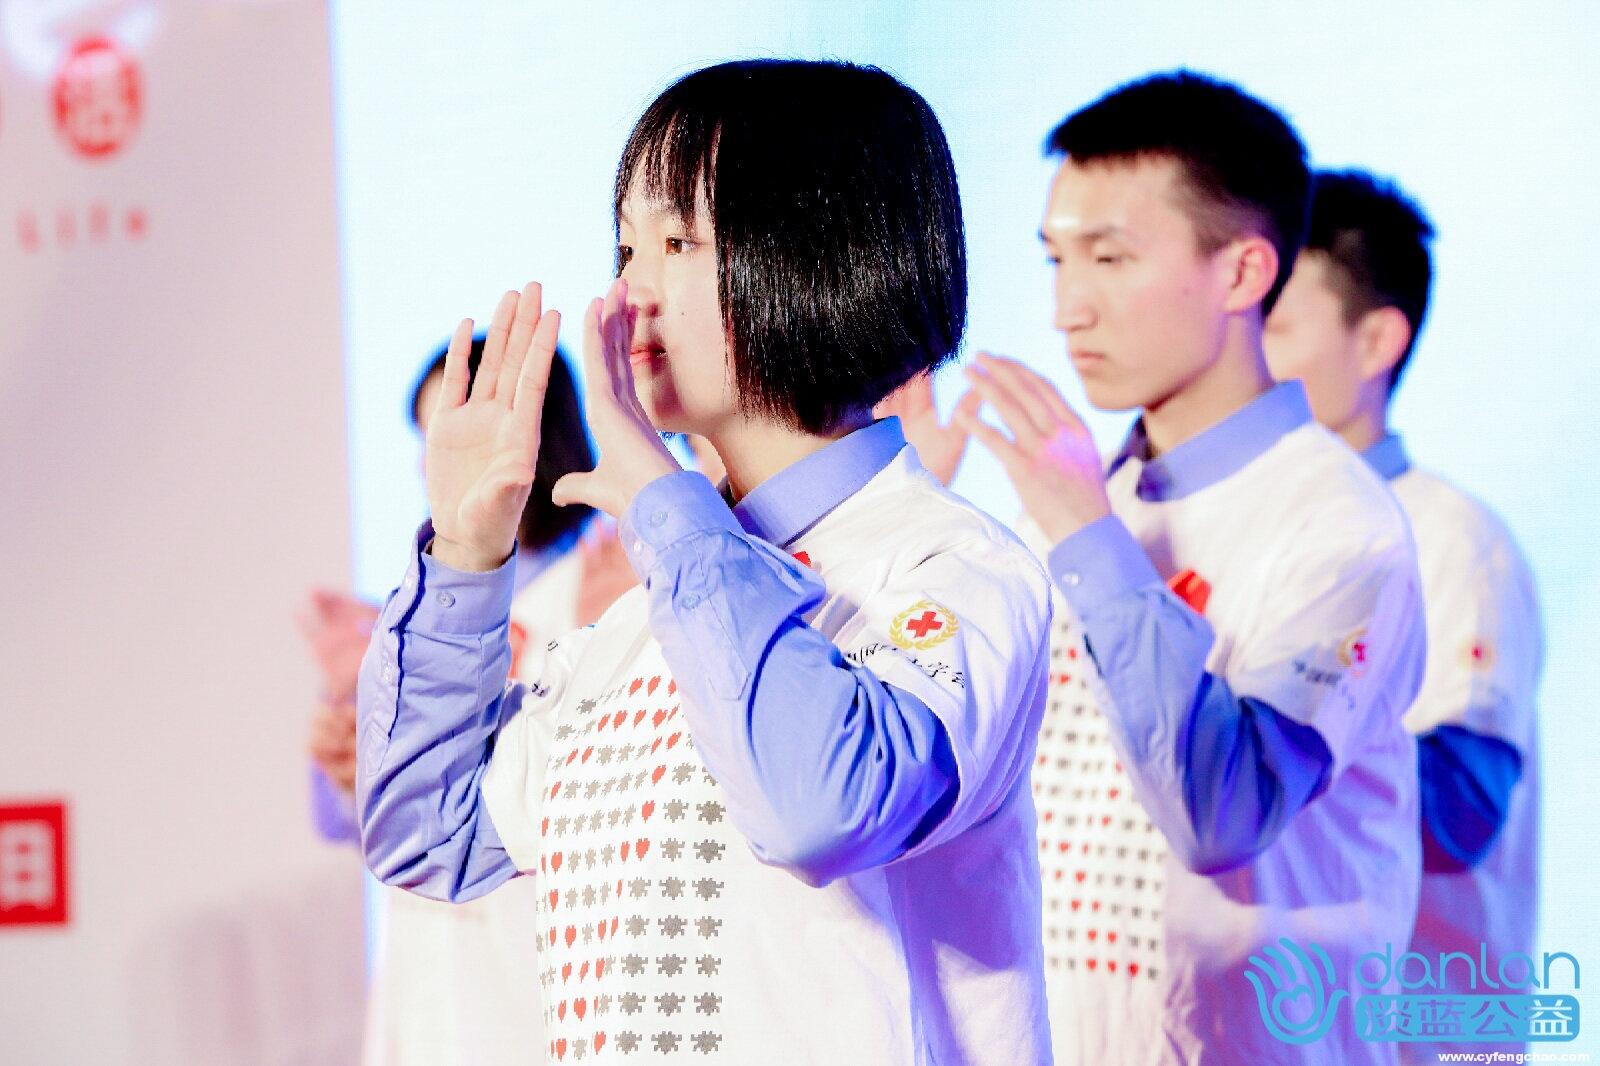 Blued联合中国疾控中心:助力青春零艾滋 让教育的笑容递向彩虹-烽巢网